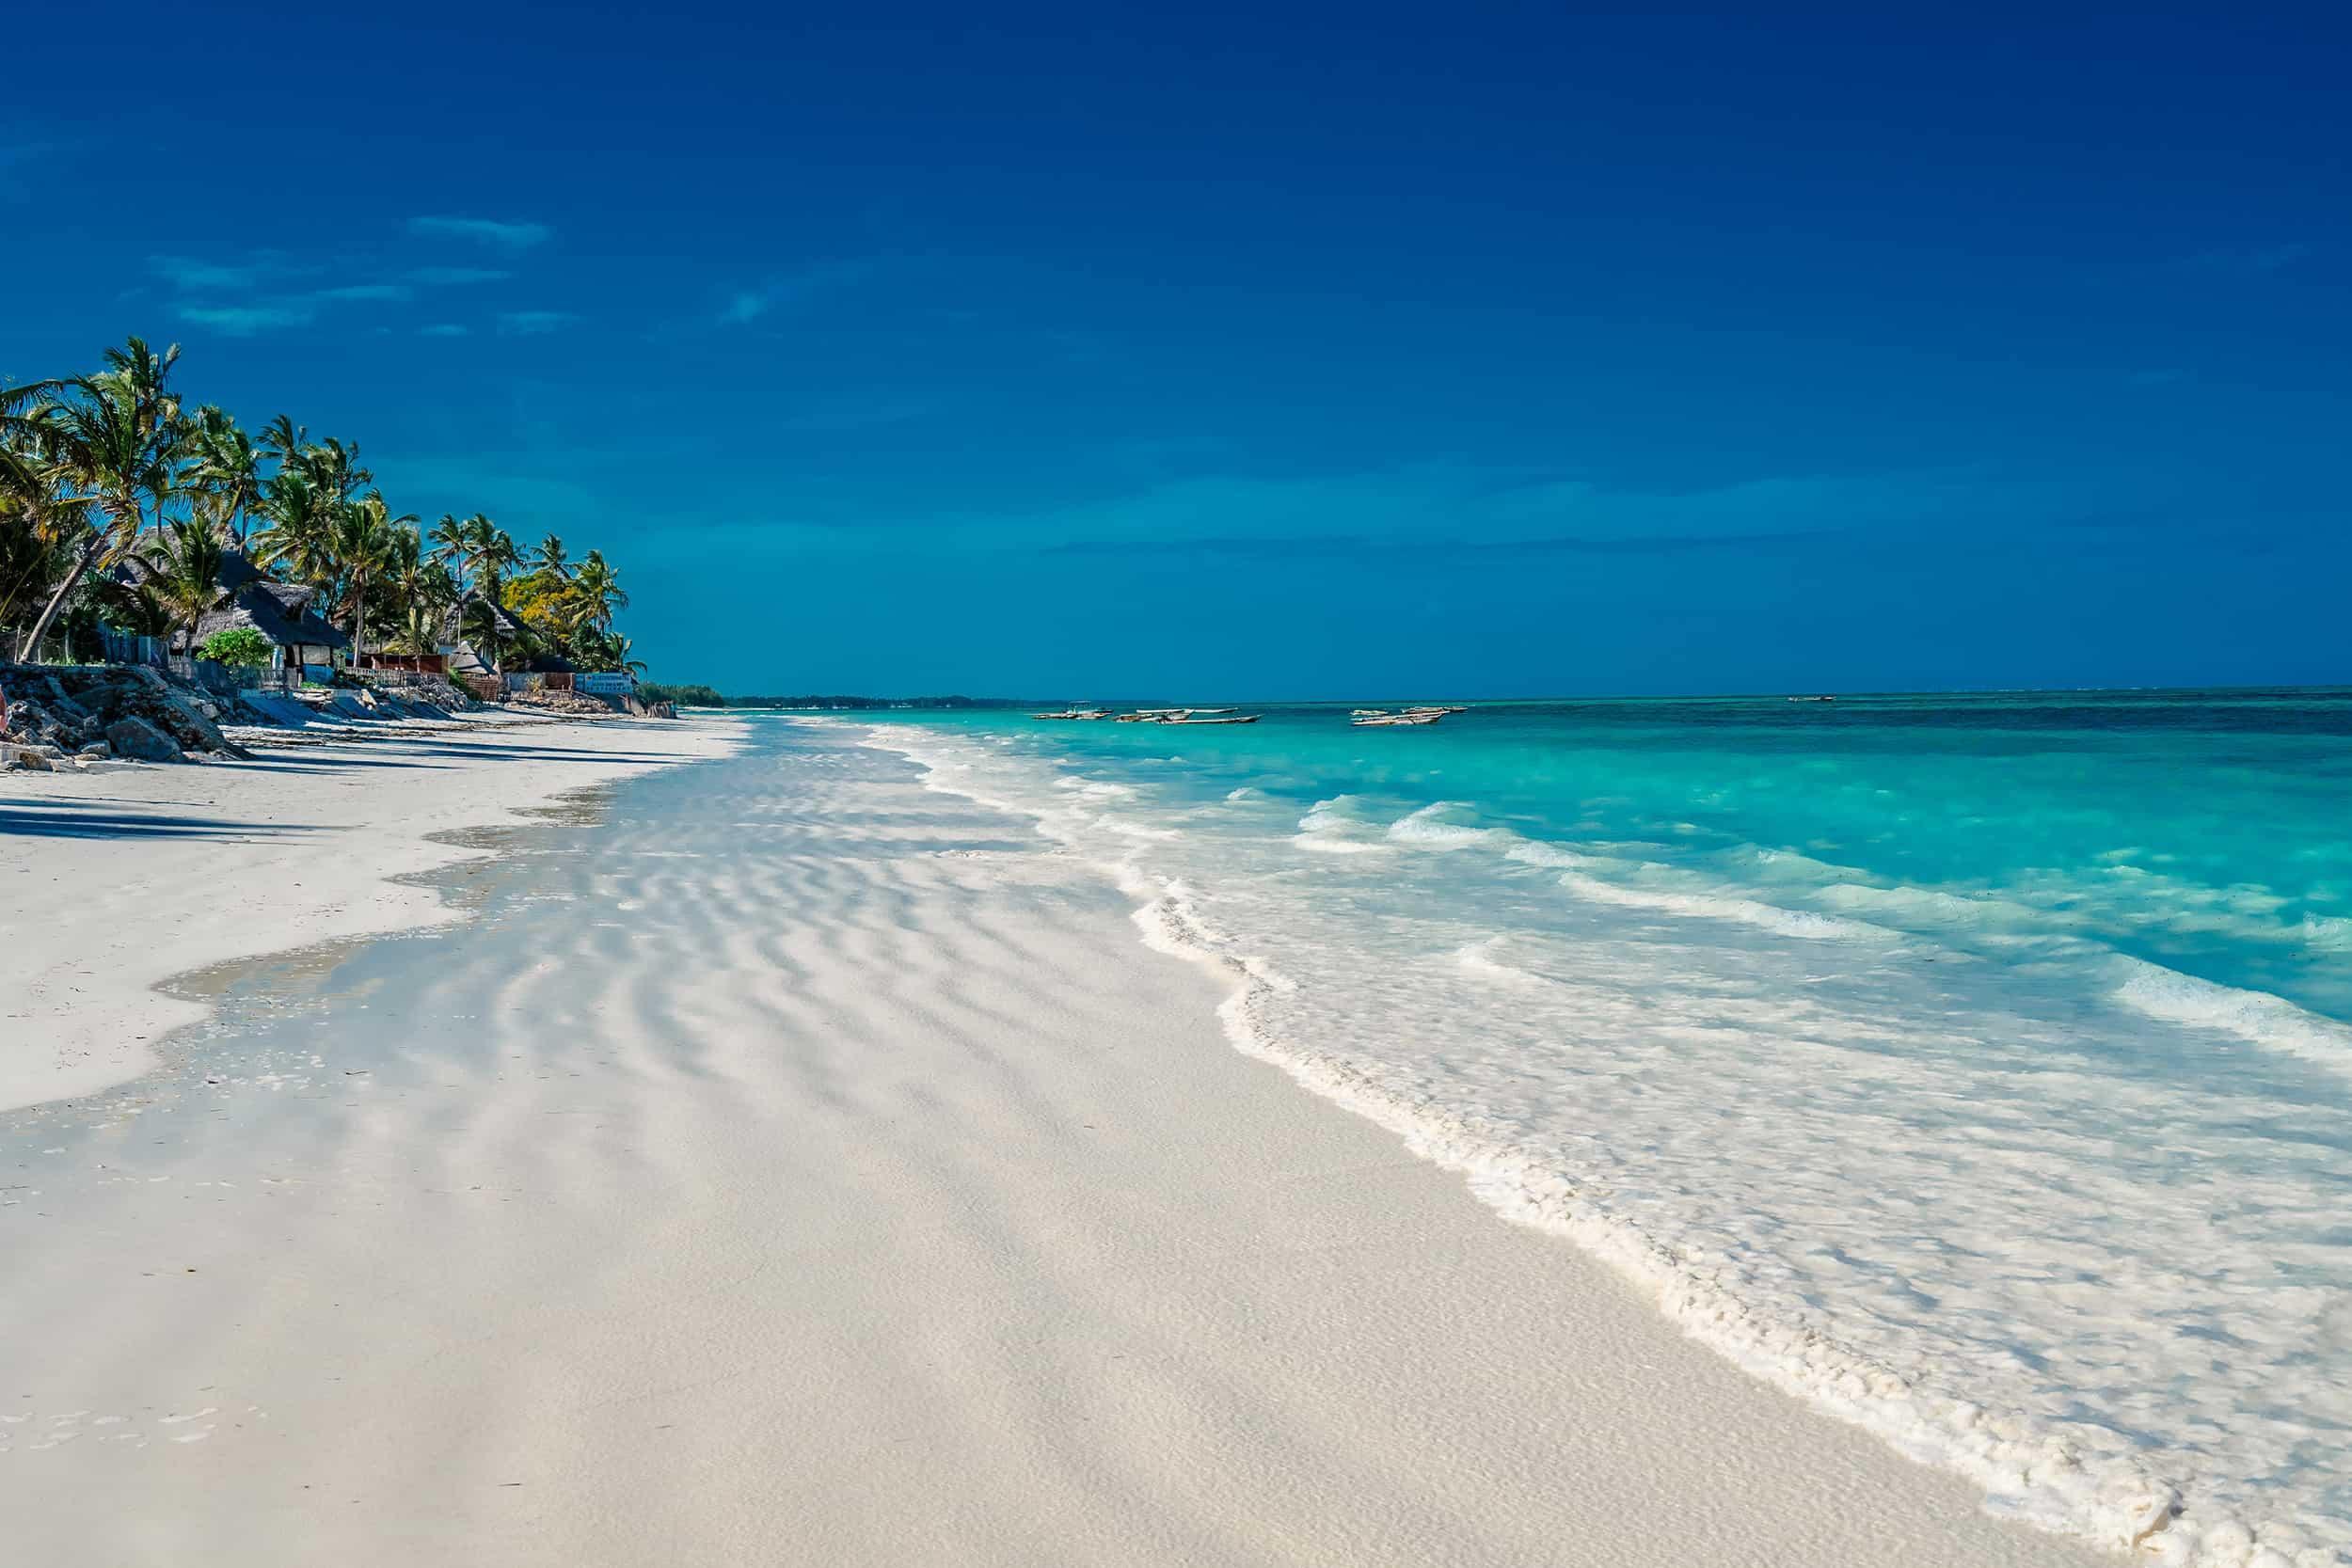 kouzelná pláž na Zanzibaru